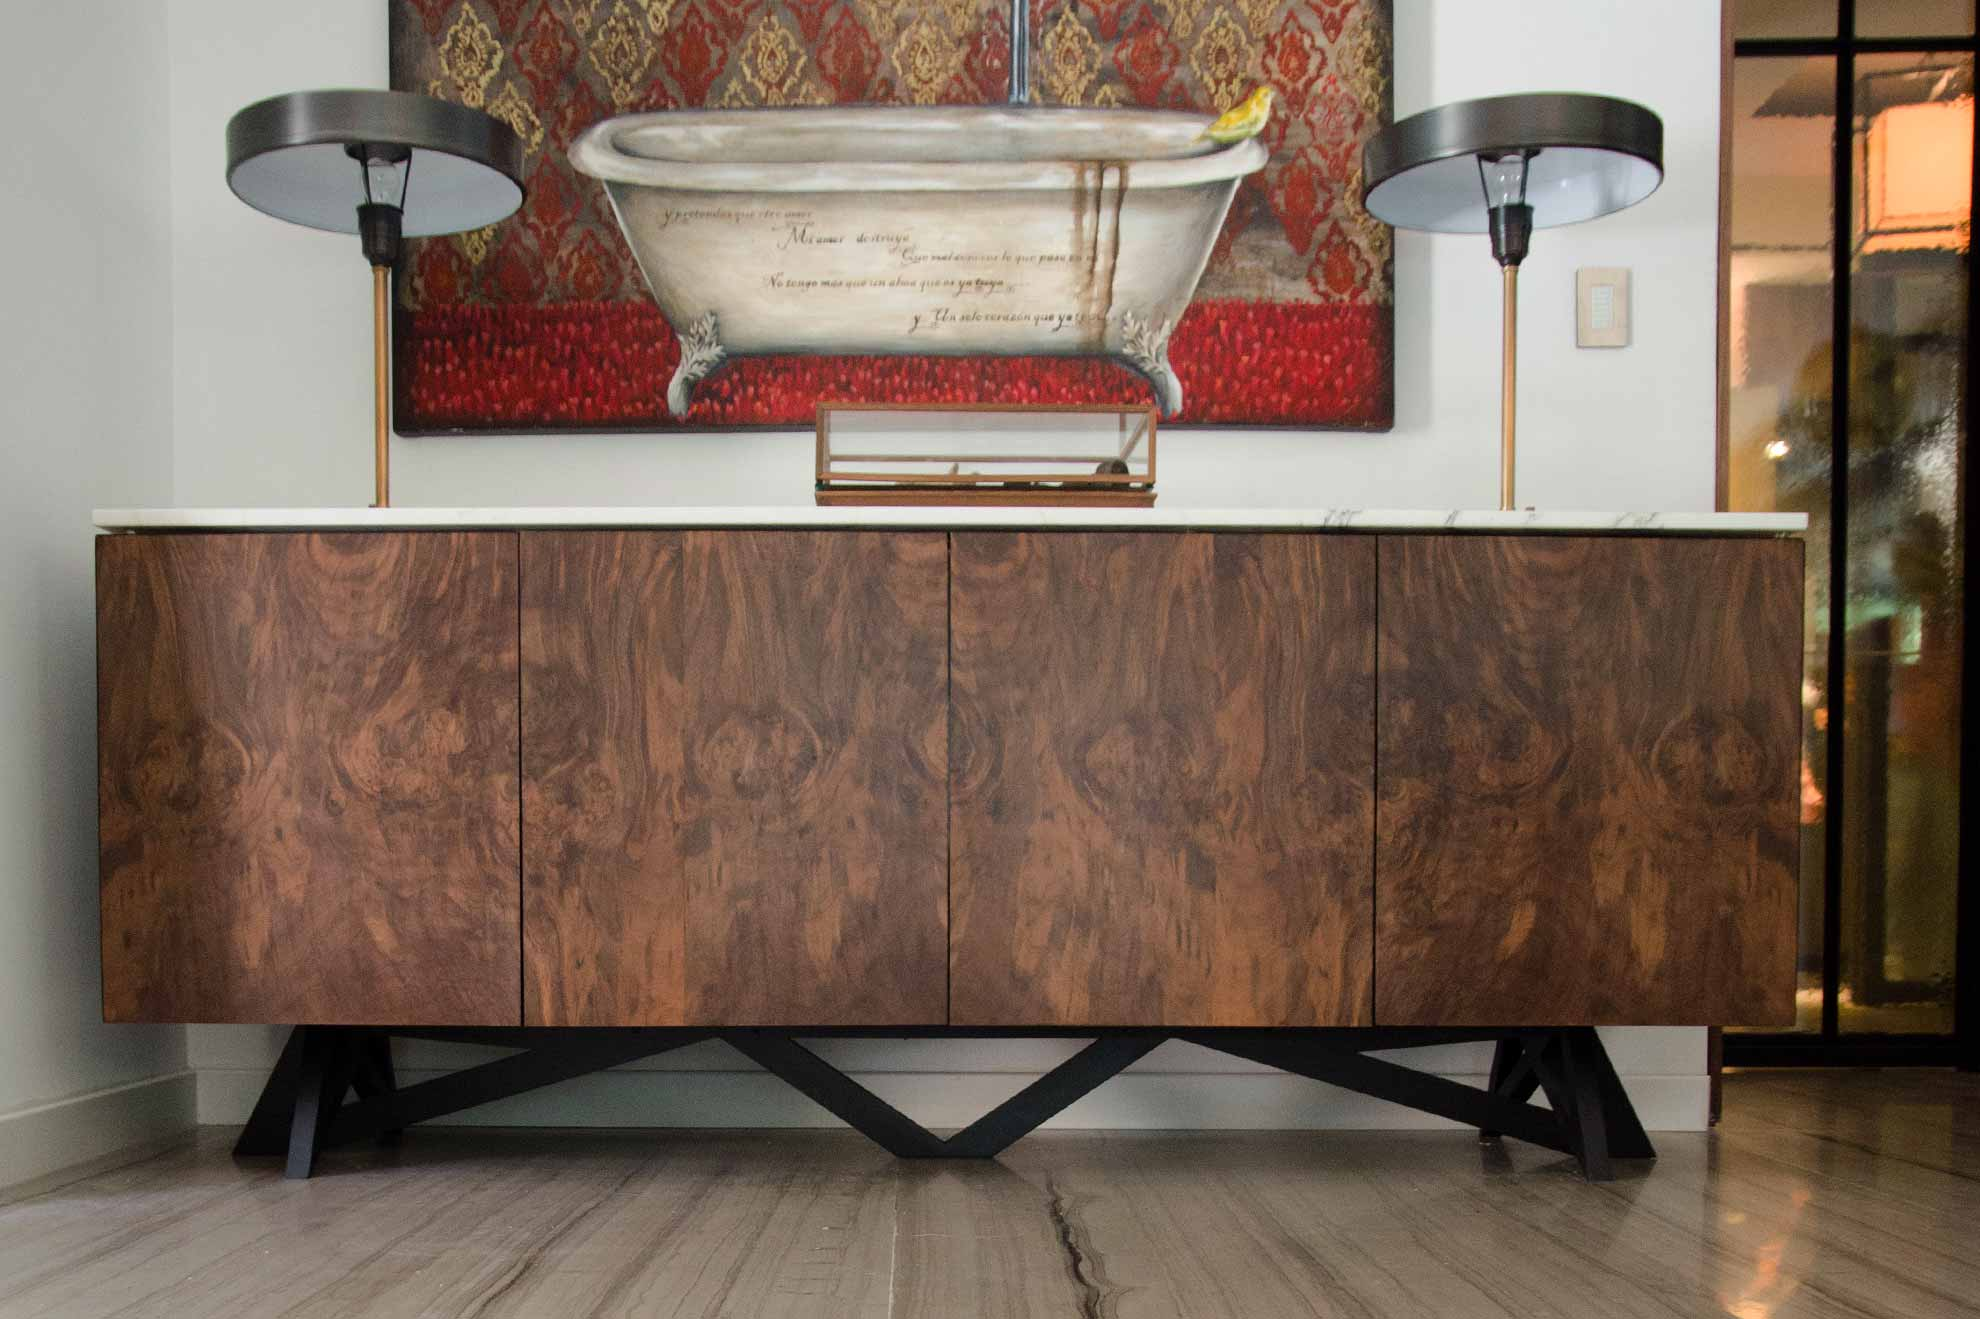 Credenza realizada con madera palo de rosa y barra de mármol irgon patas de acero cepillado e interior laqueado en alto brillo, realizado por Depa 102